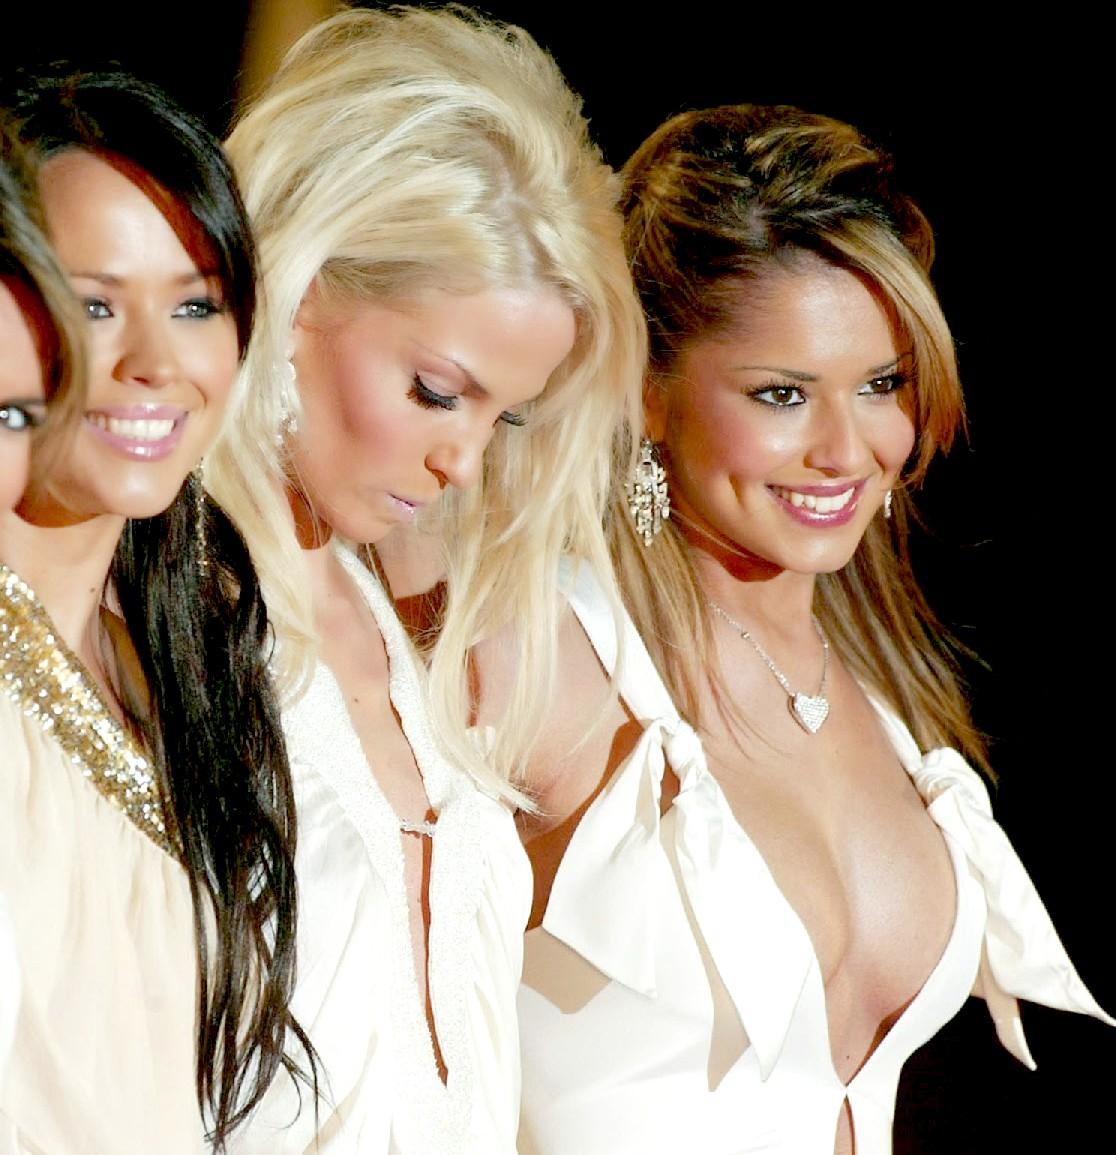 mujere envidia las bubies de otra en concurso de belleza